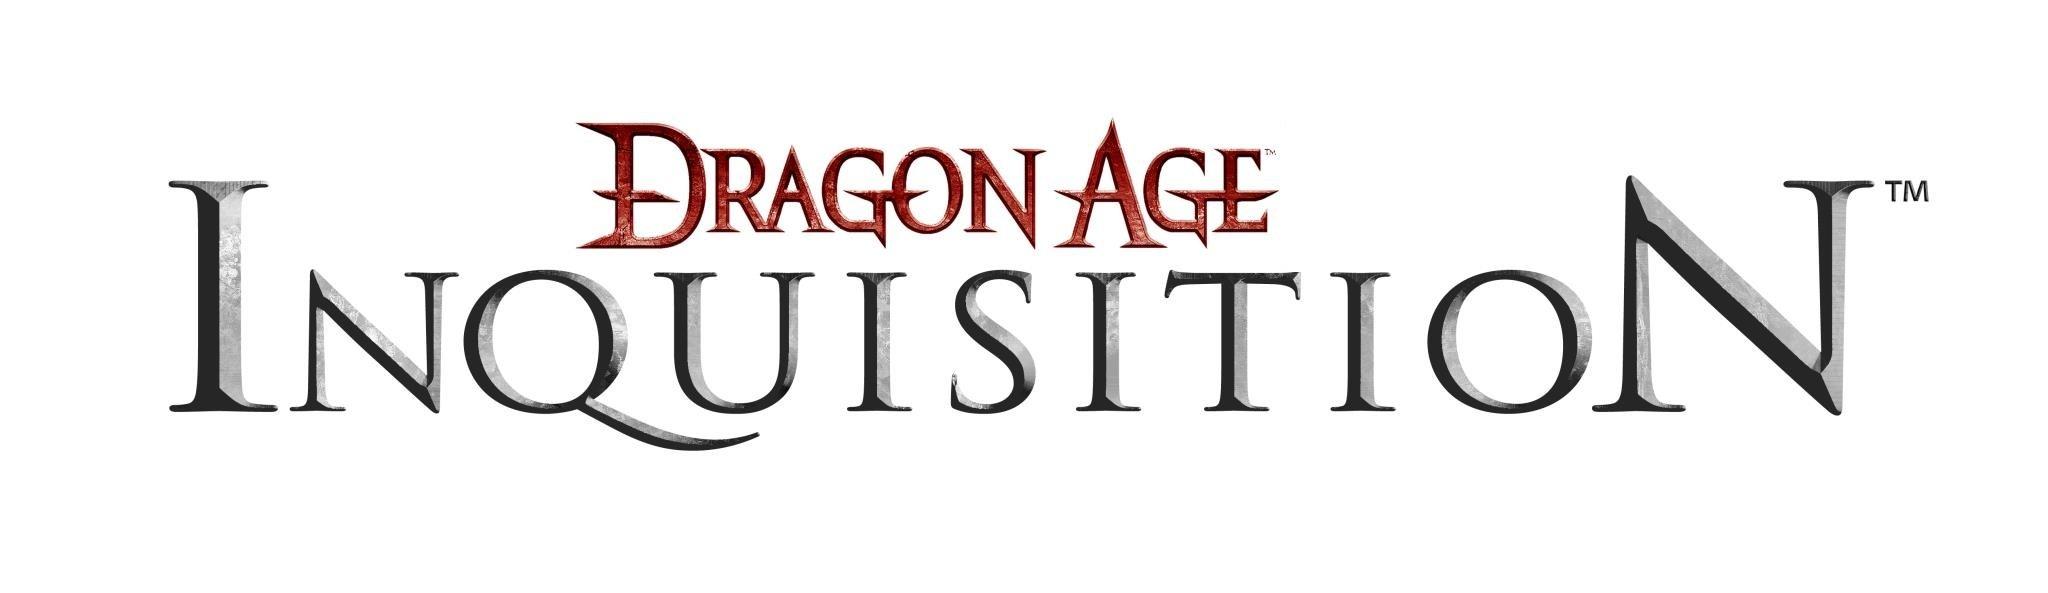 Dragon Age: Инквизиция [Стрим Запись] - Изображение 1